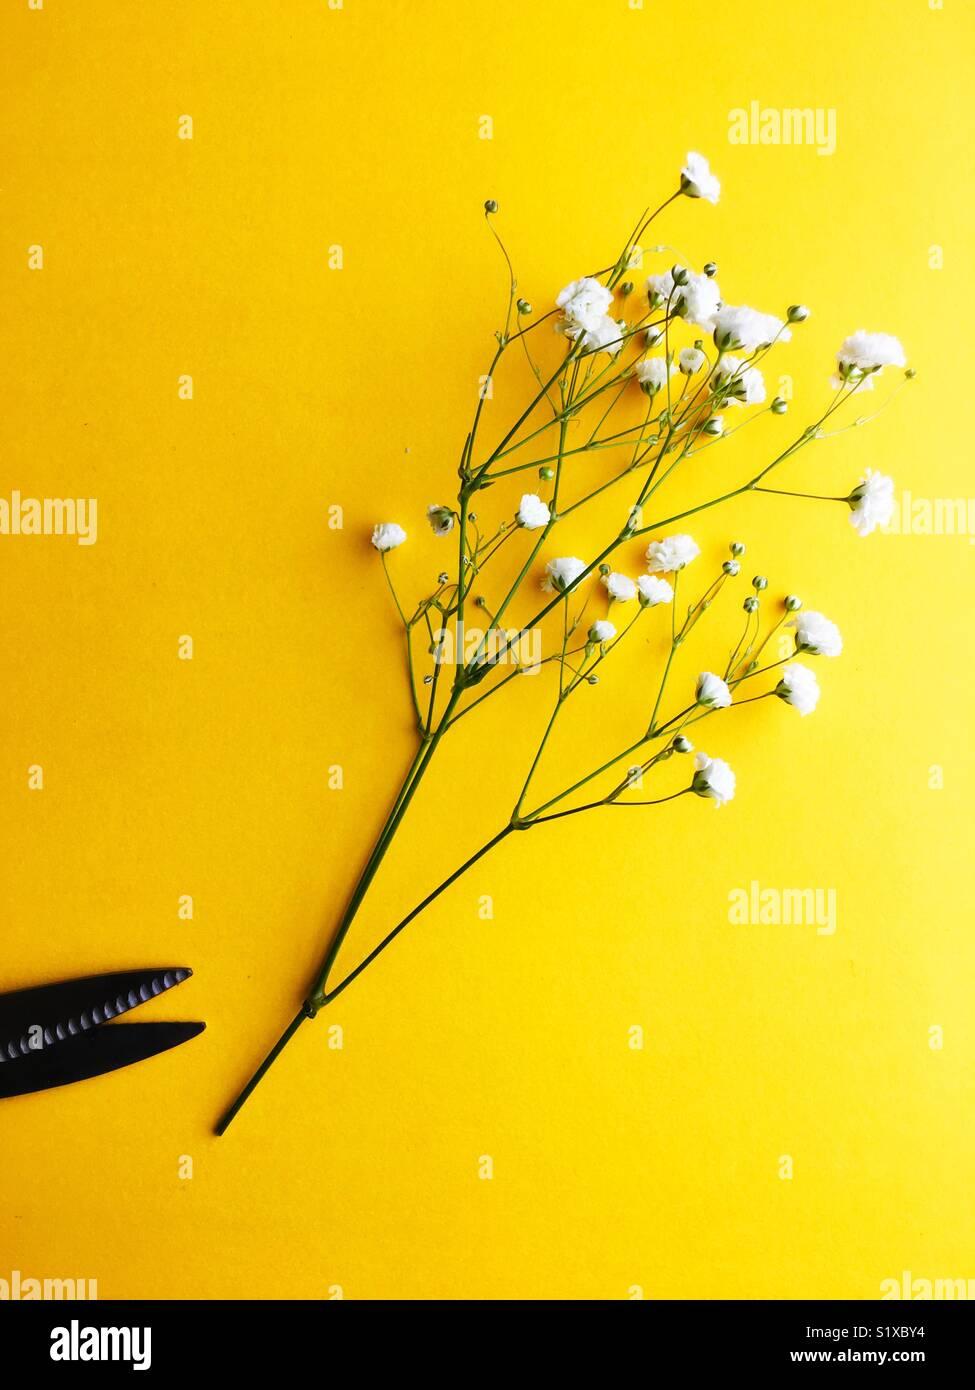 Still life de floristería cizallas y bebés aliento. Imagen De Stock